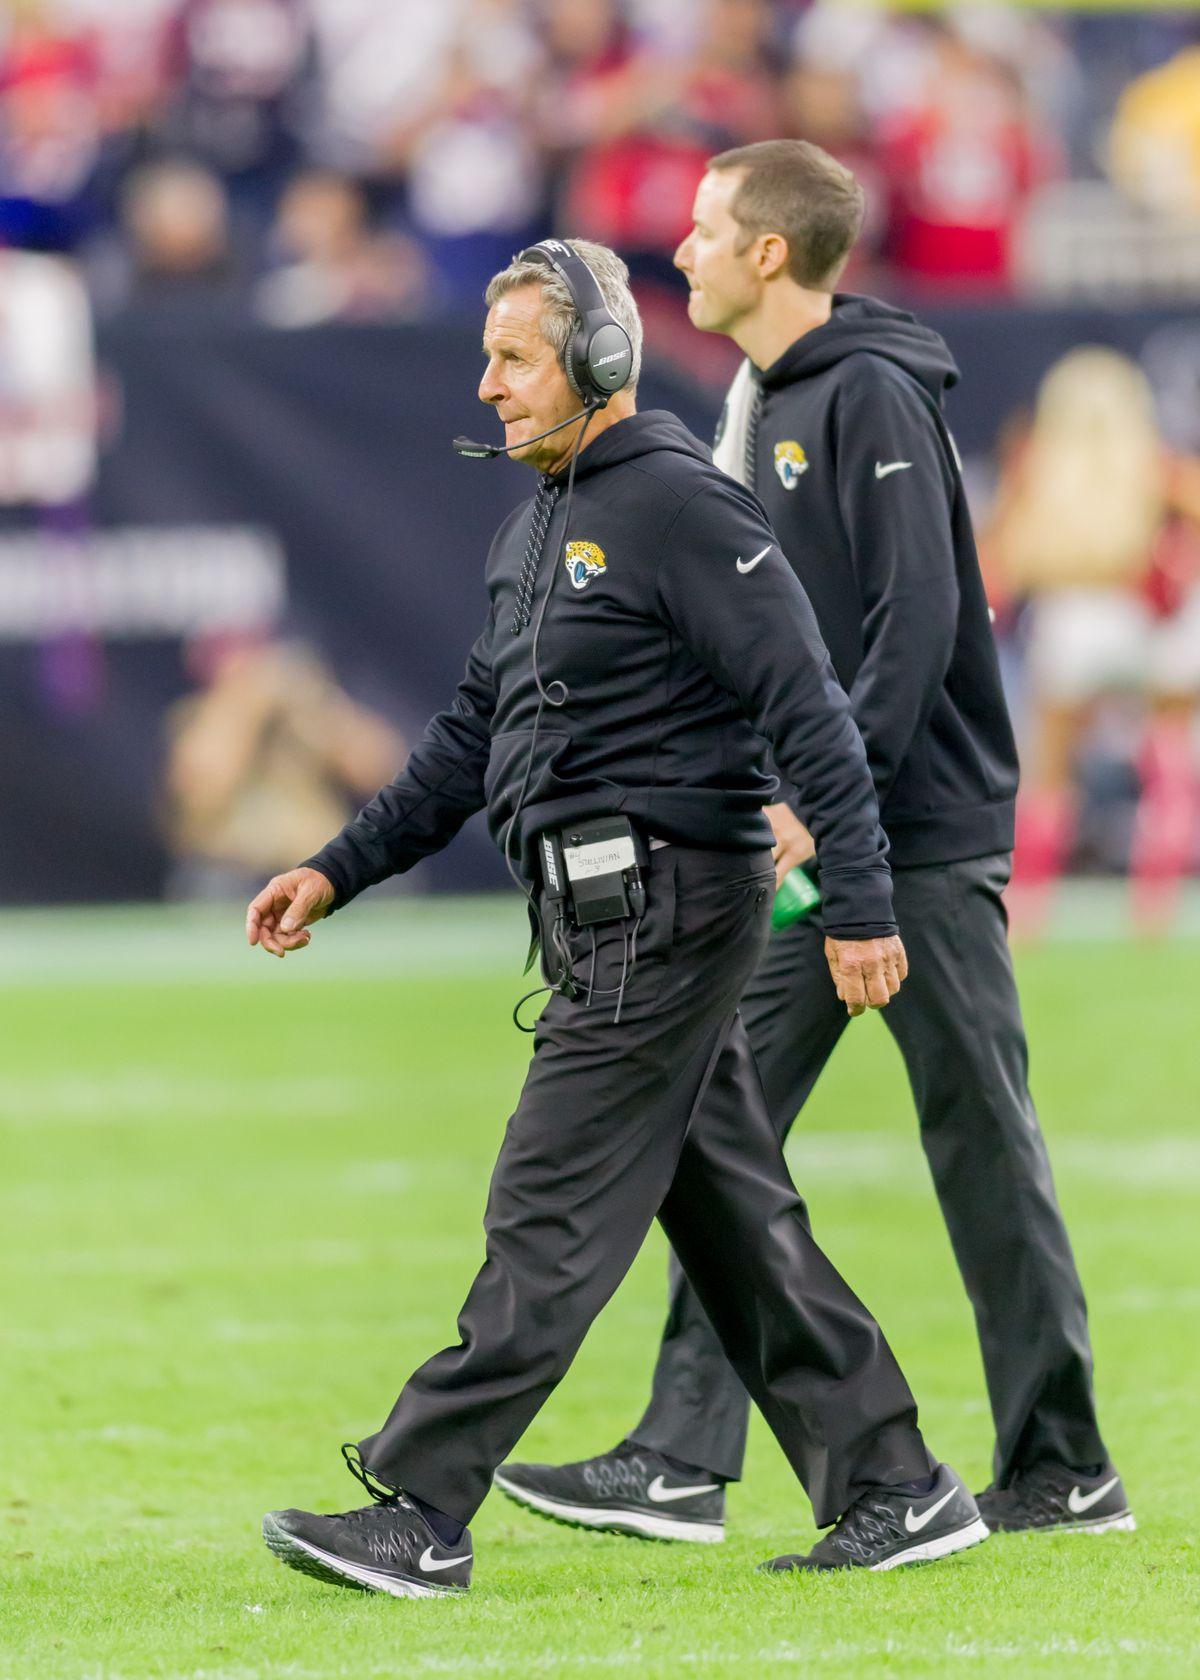 NFL: DEC 28 Jaguars at Texans